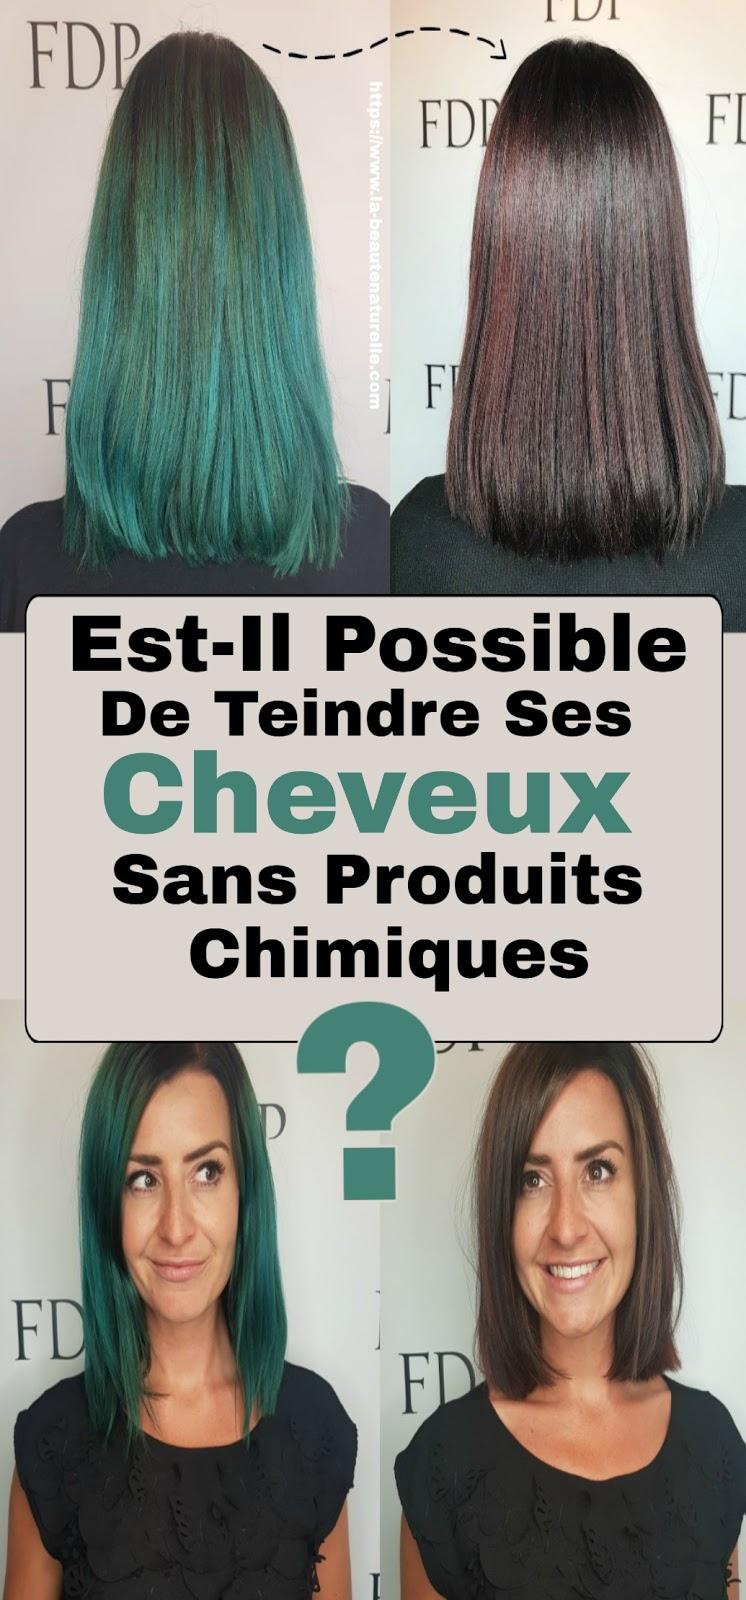 Est-Il Possible De Teindre Ses Cheveux Sans Produits Chimiques?